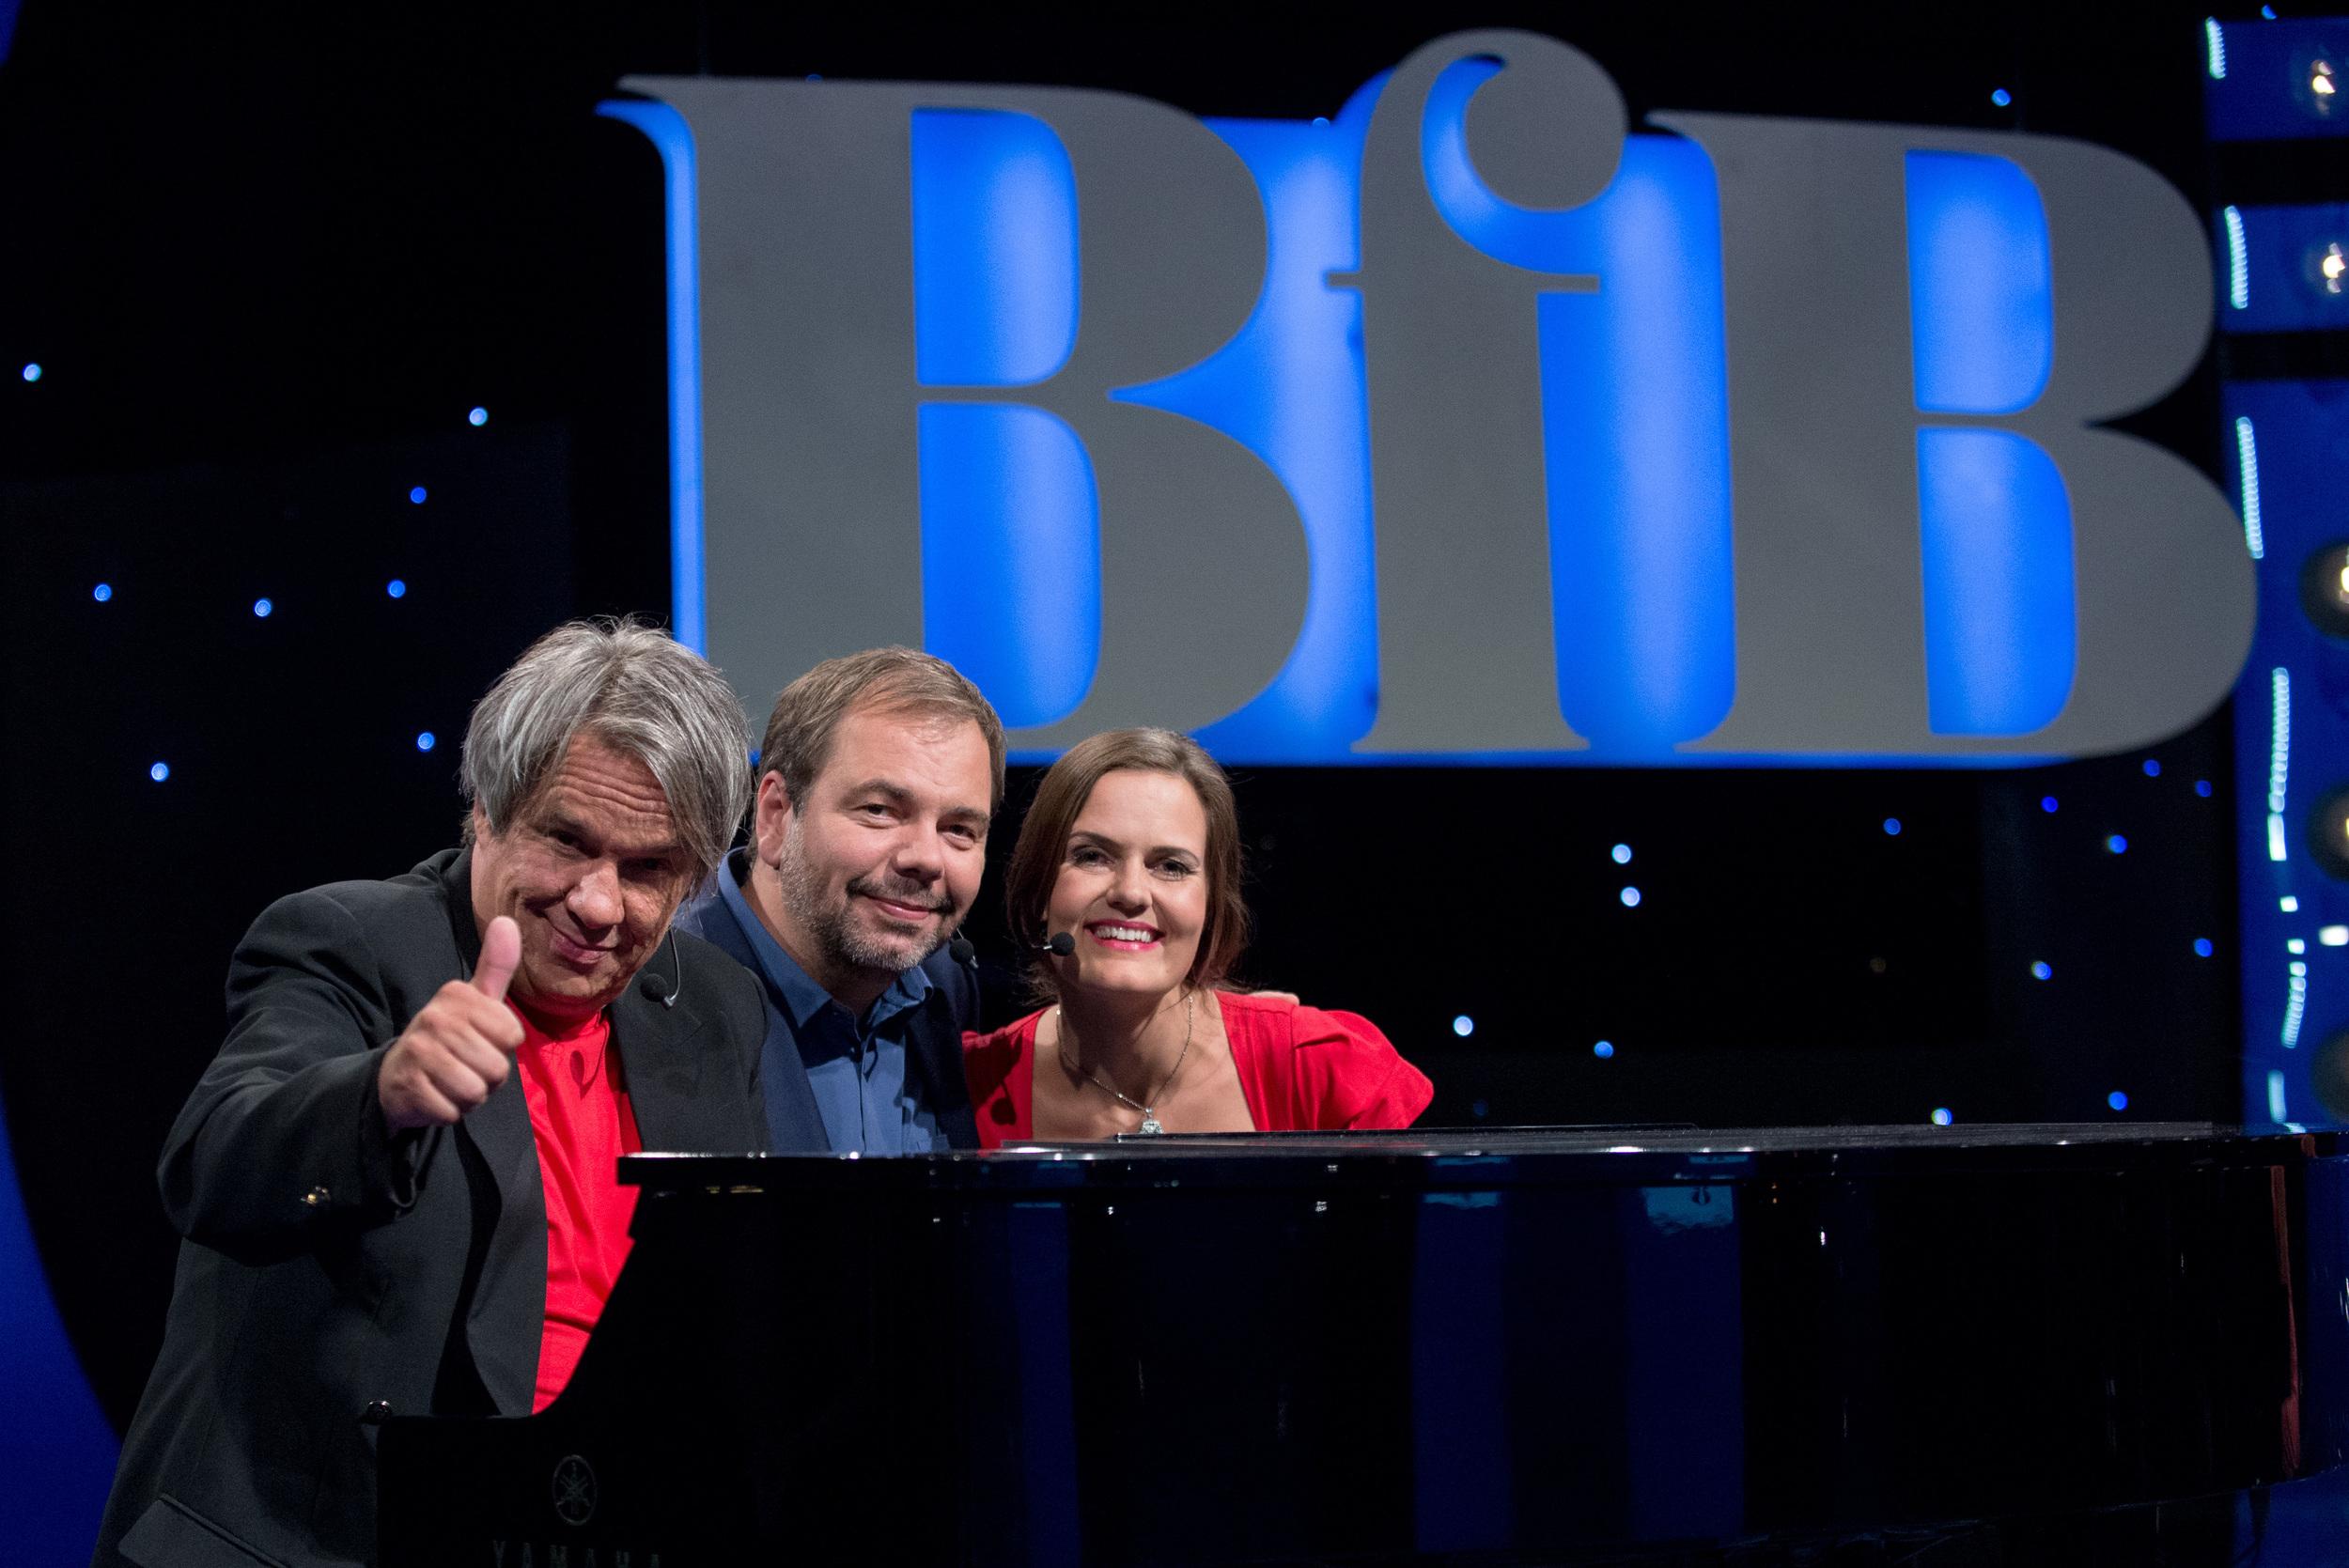 Foto: Erik Dyrhaug/NRK